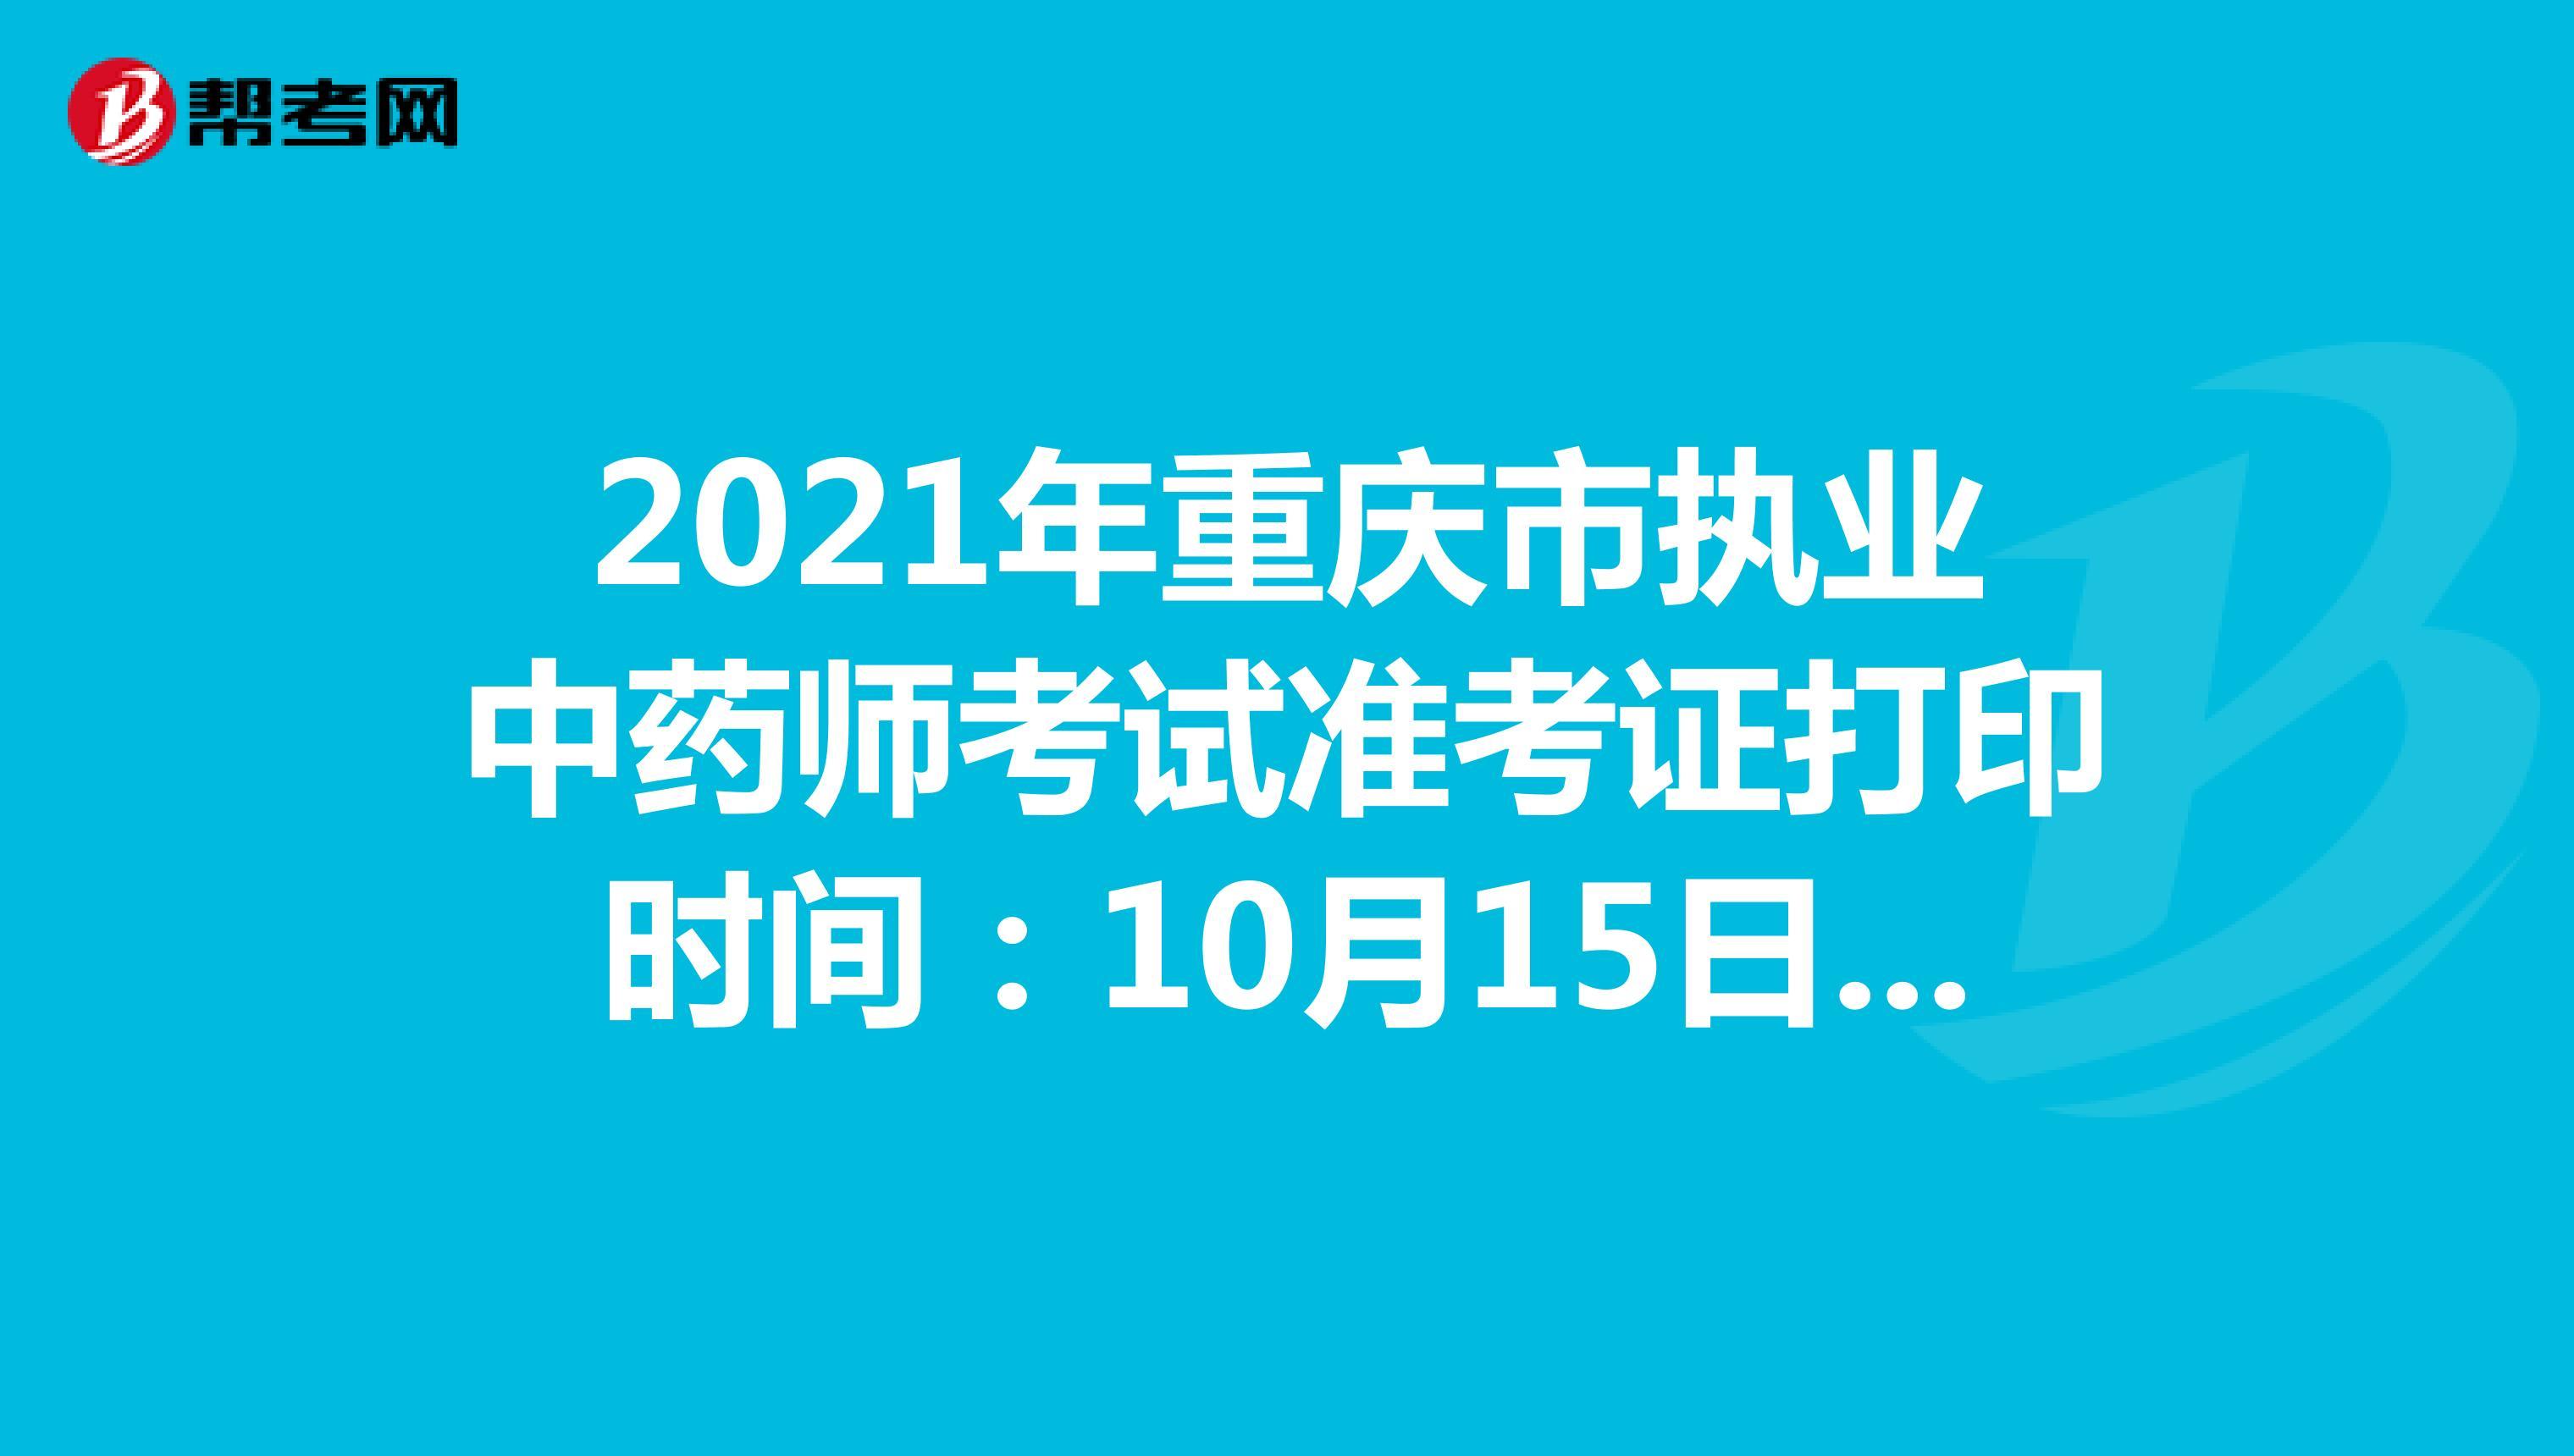 2021年重庆市执业中药师考试准考证打印时间:10月15日-10月22日